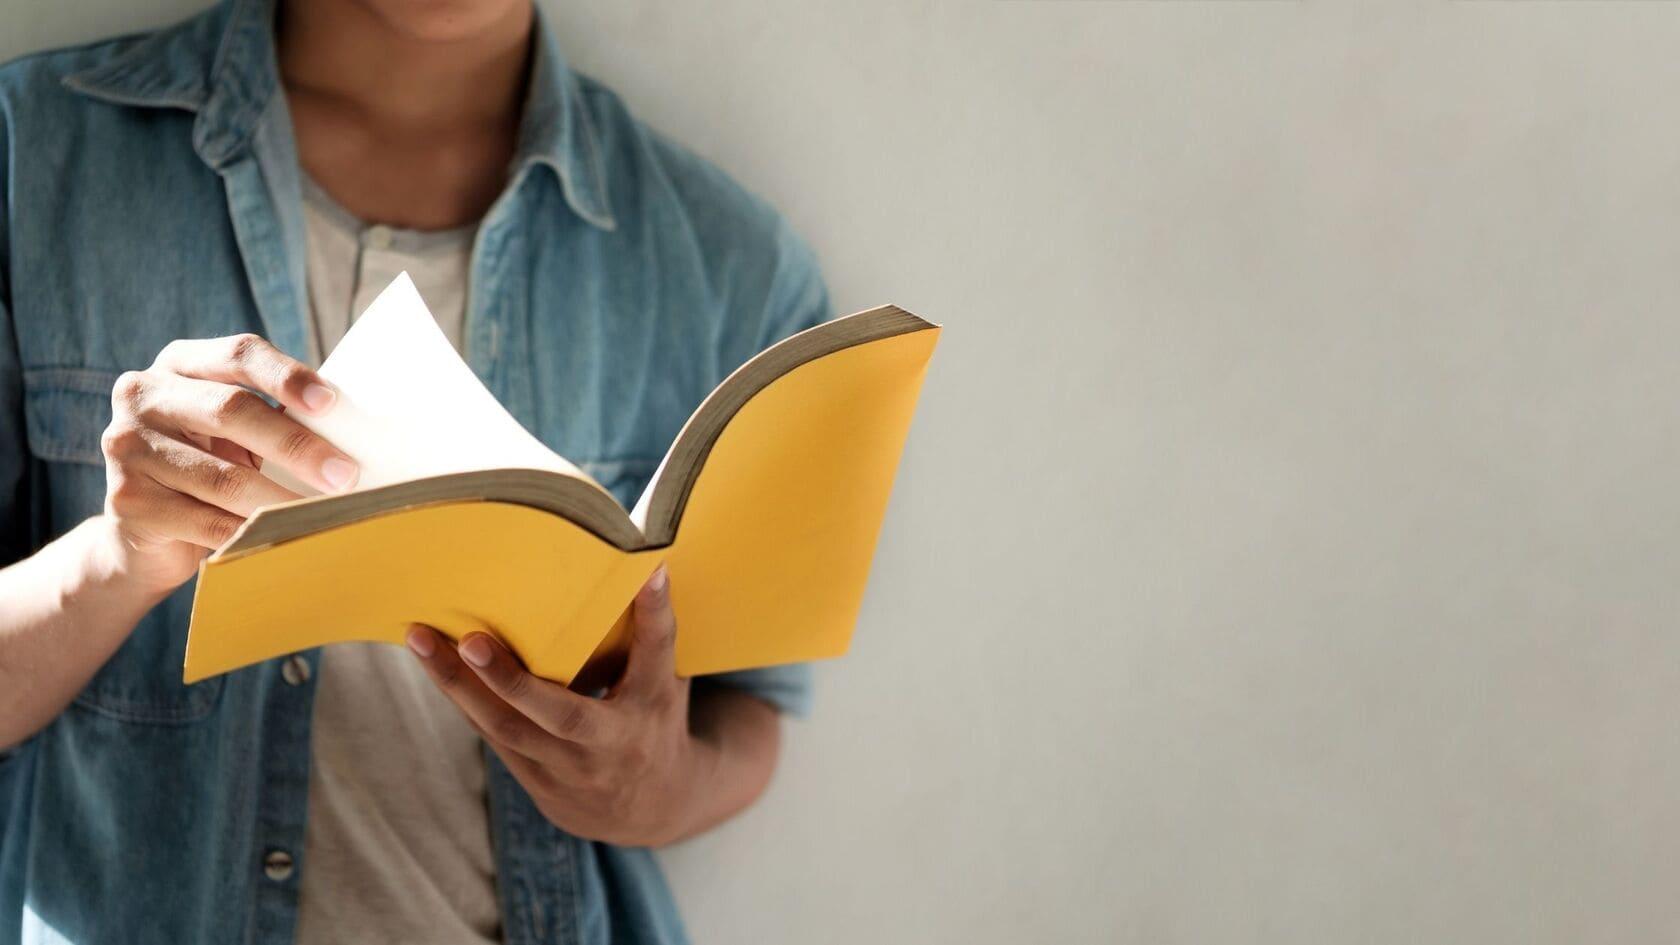 leggere libri per trovare idee per gli articoli